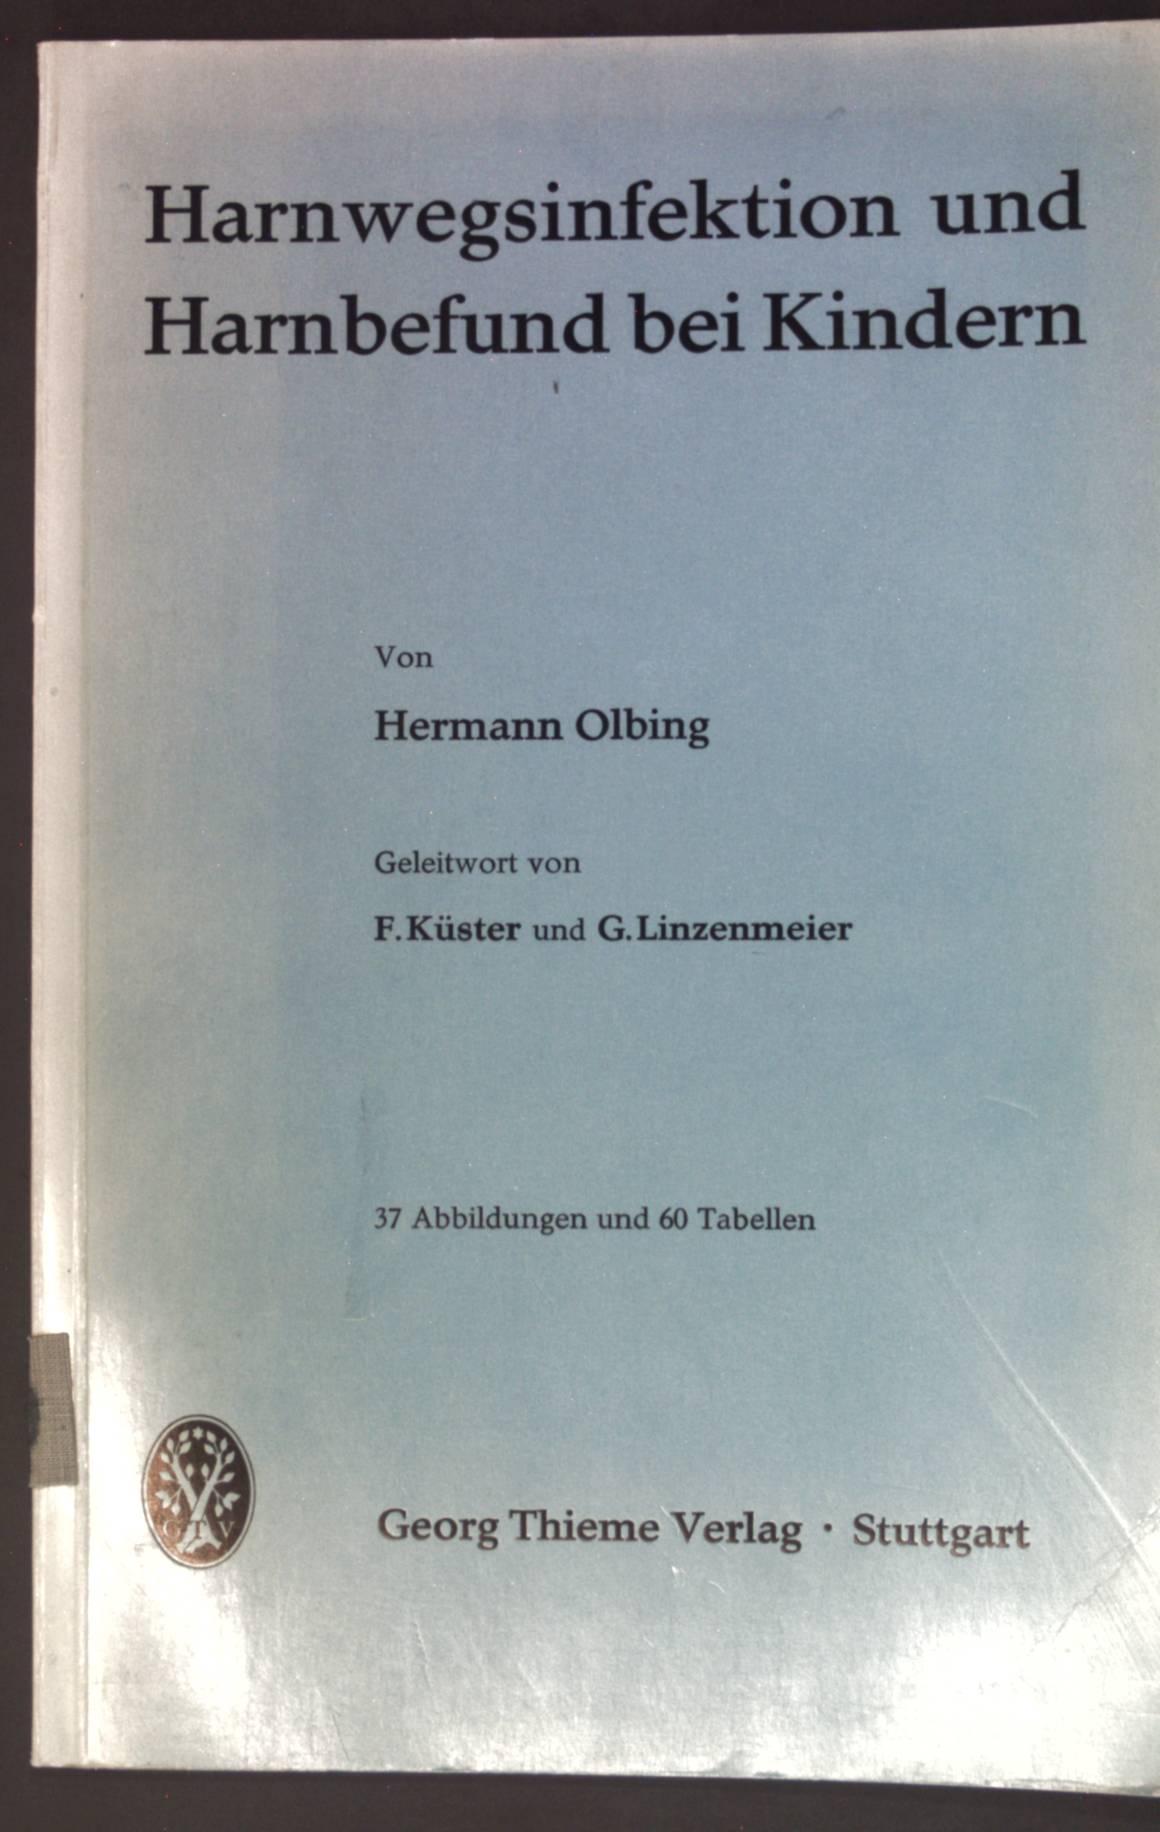 Harnwegsinfektion und Harnbefund bei Kindern;: Olbing, Hermann: